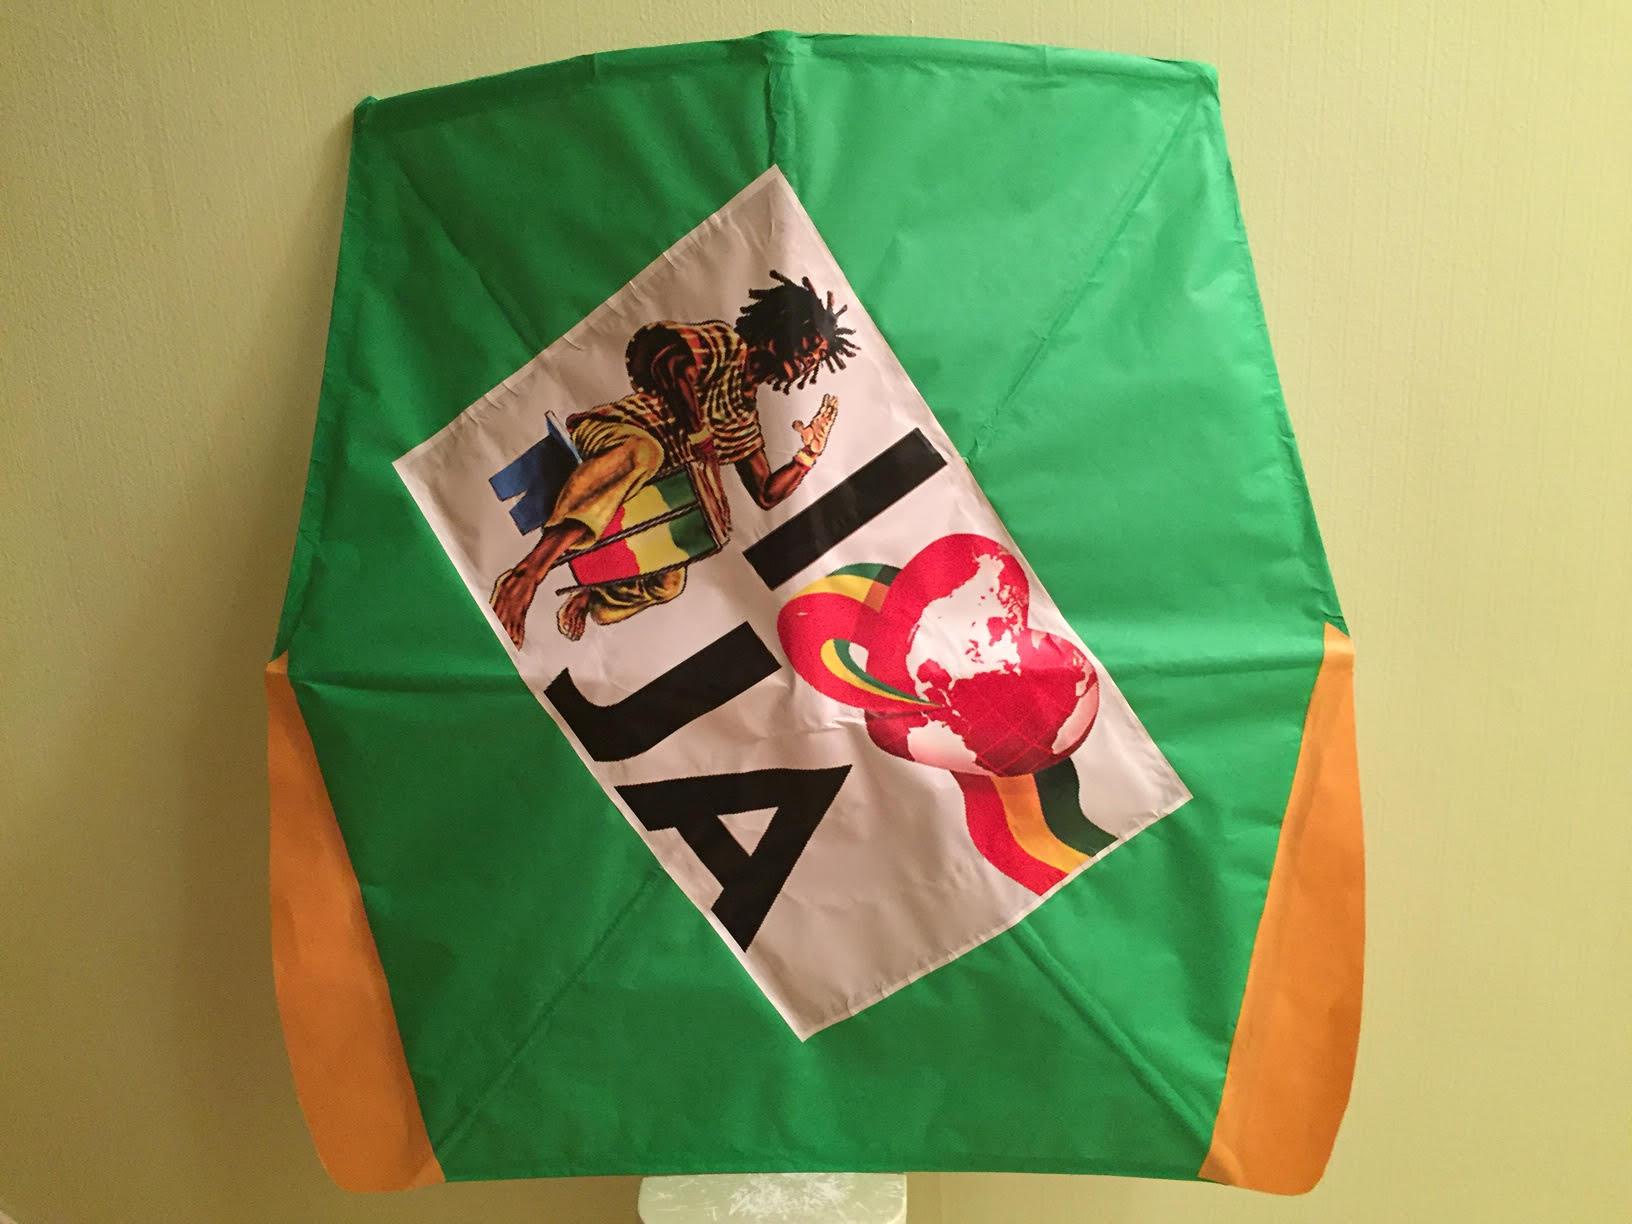 jamaican bamboo kite 3.jpg